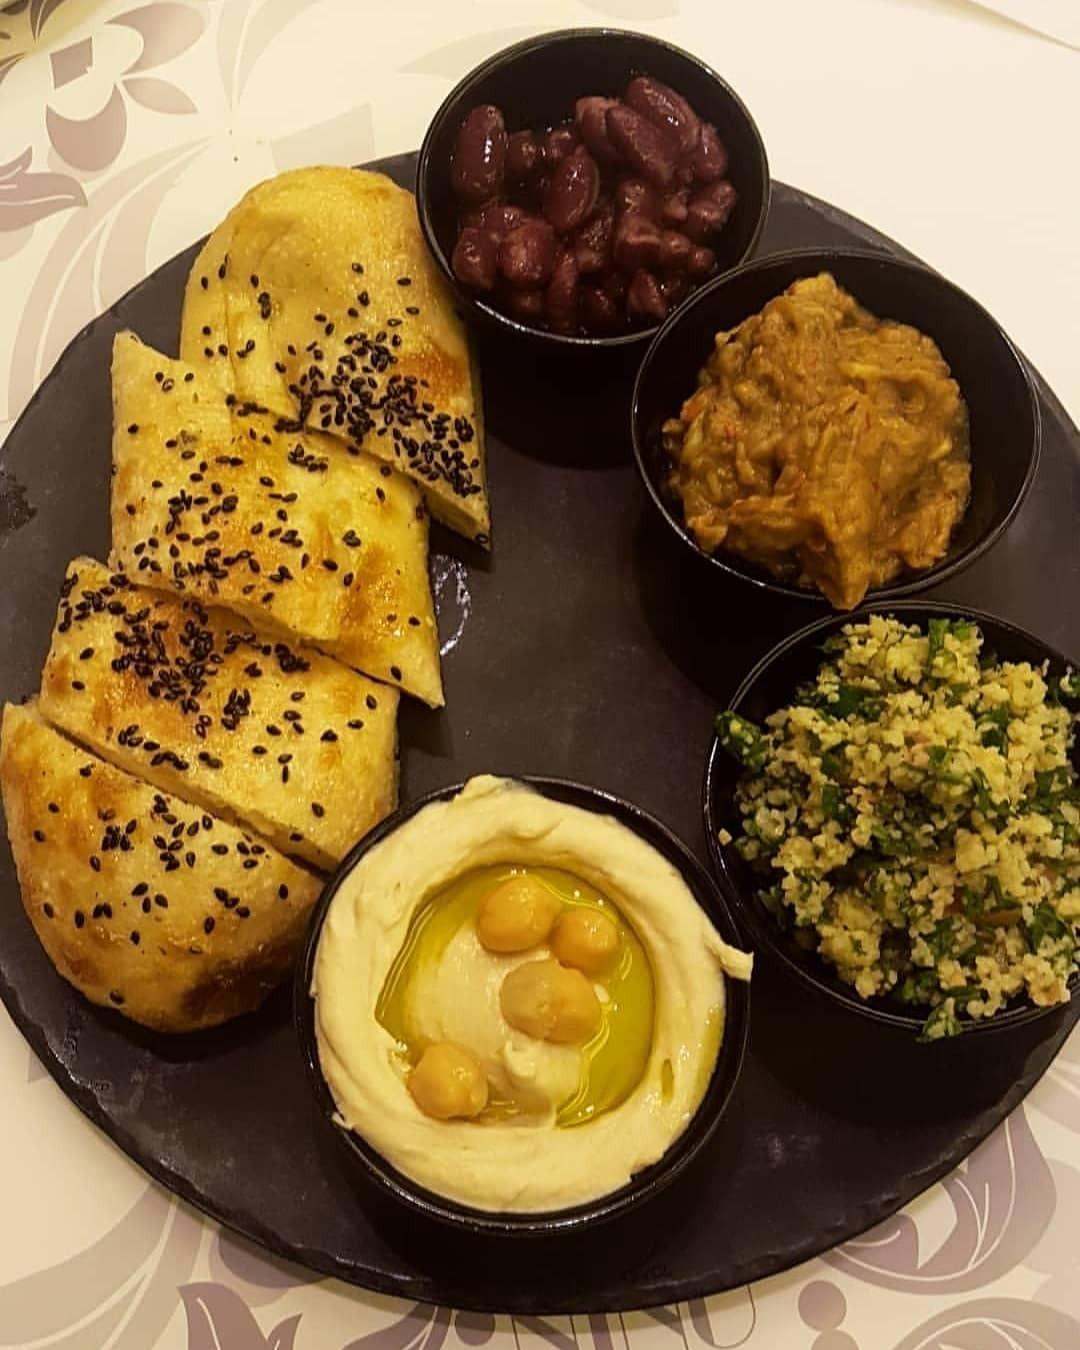 Mezze platter @ Nino - Bahrain